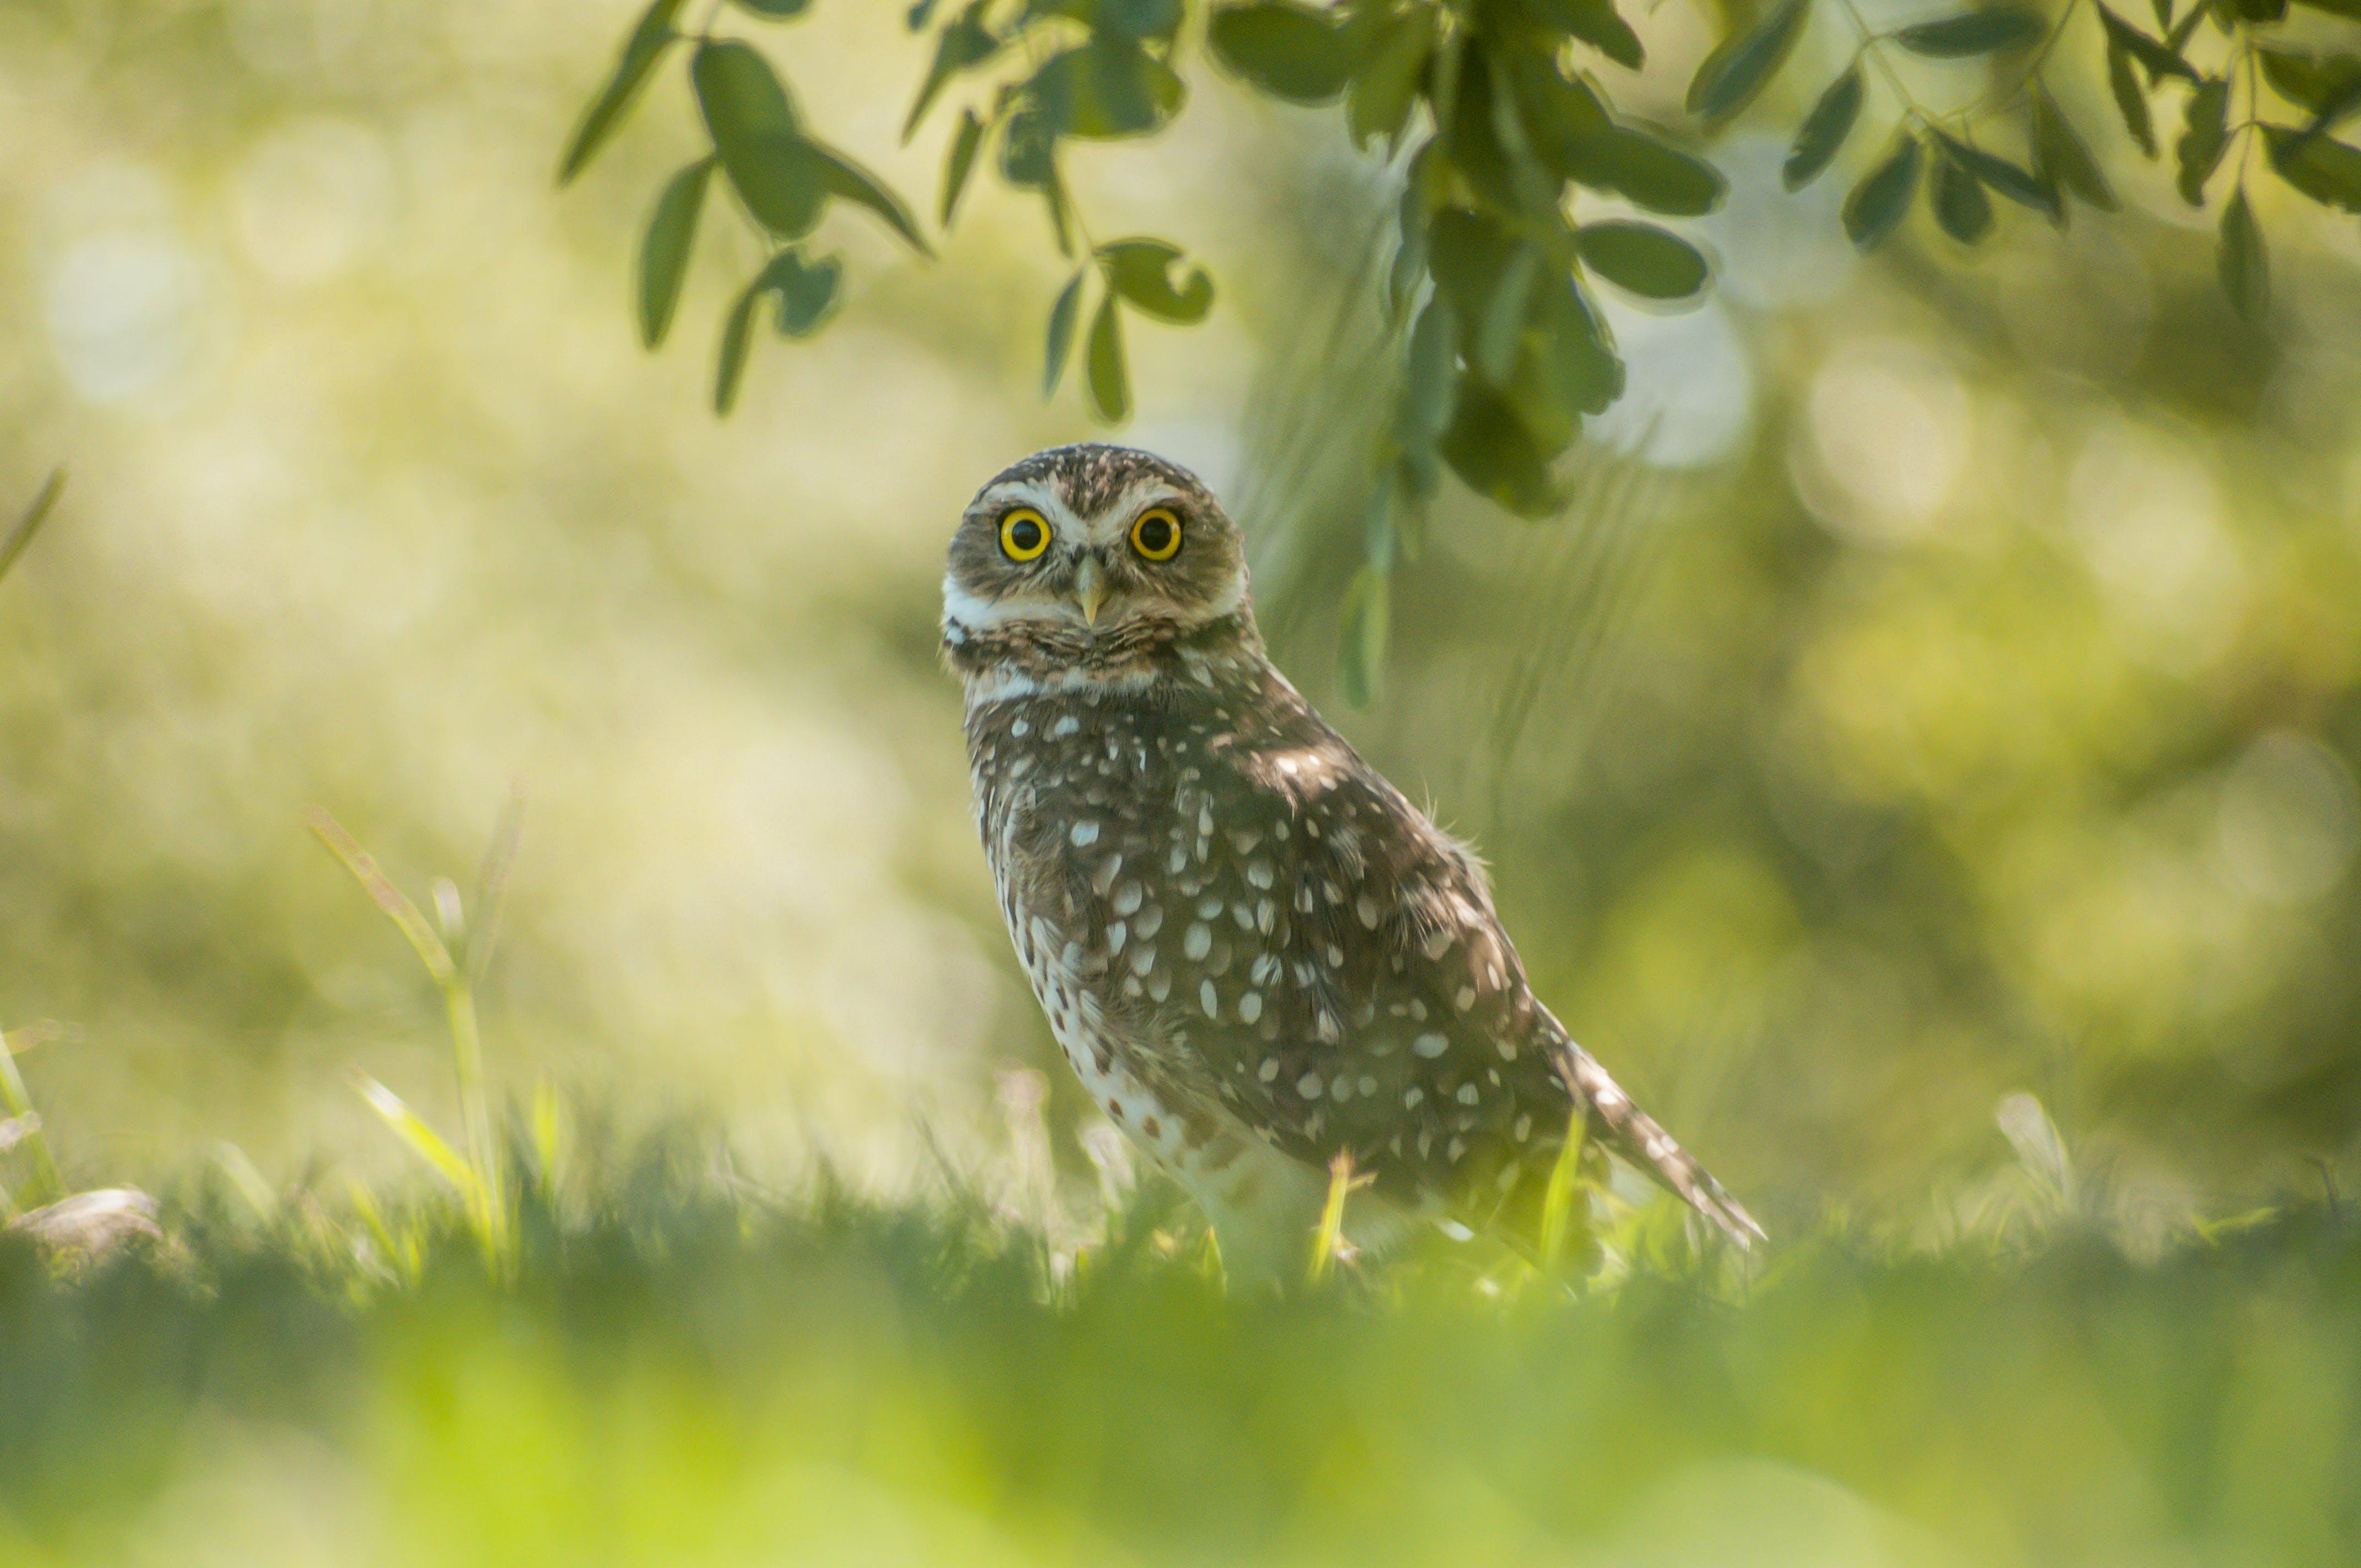 Gratis stockfoto met beest, blurry achtergrond, dieren in het wild, gras